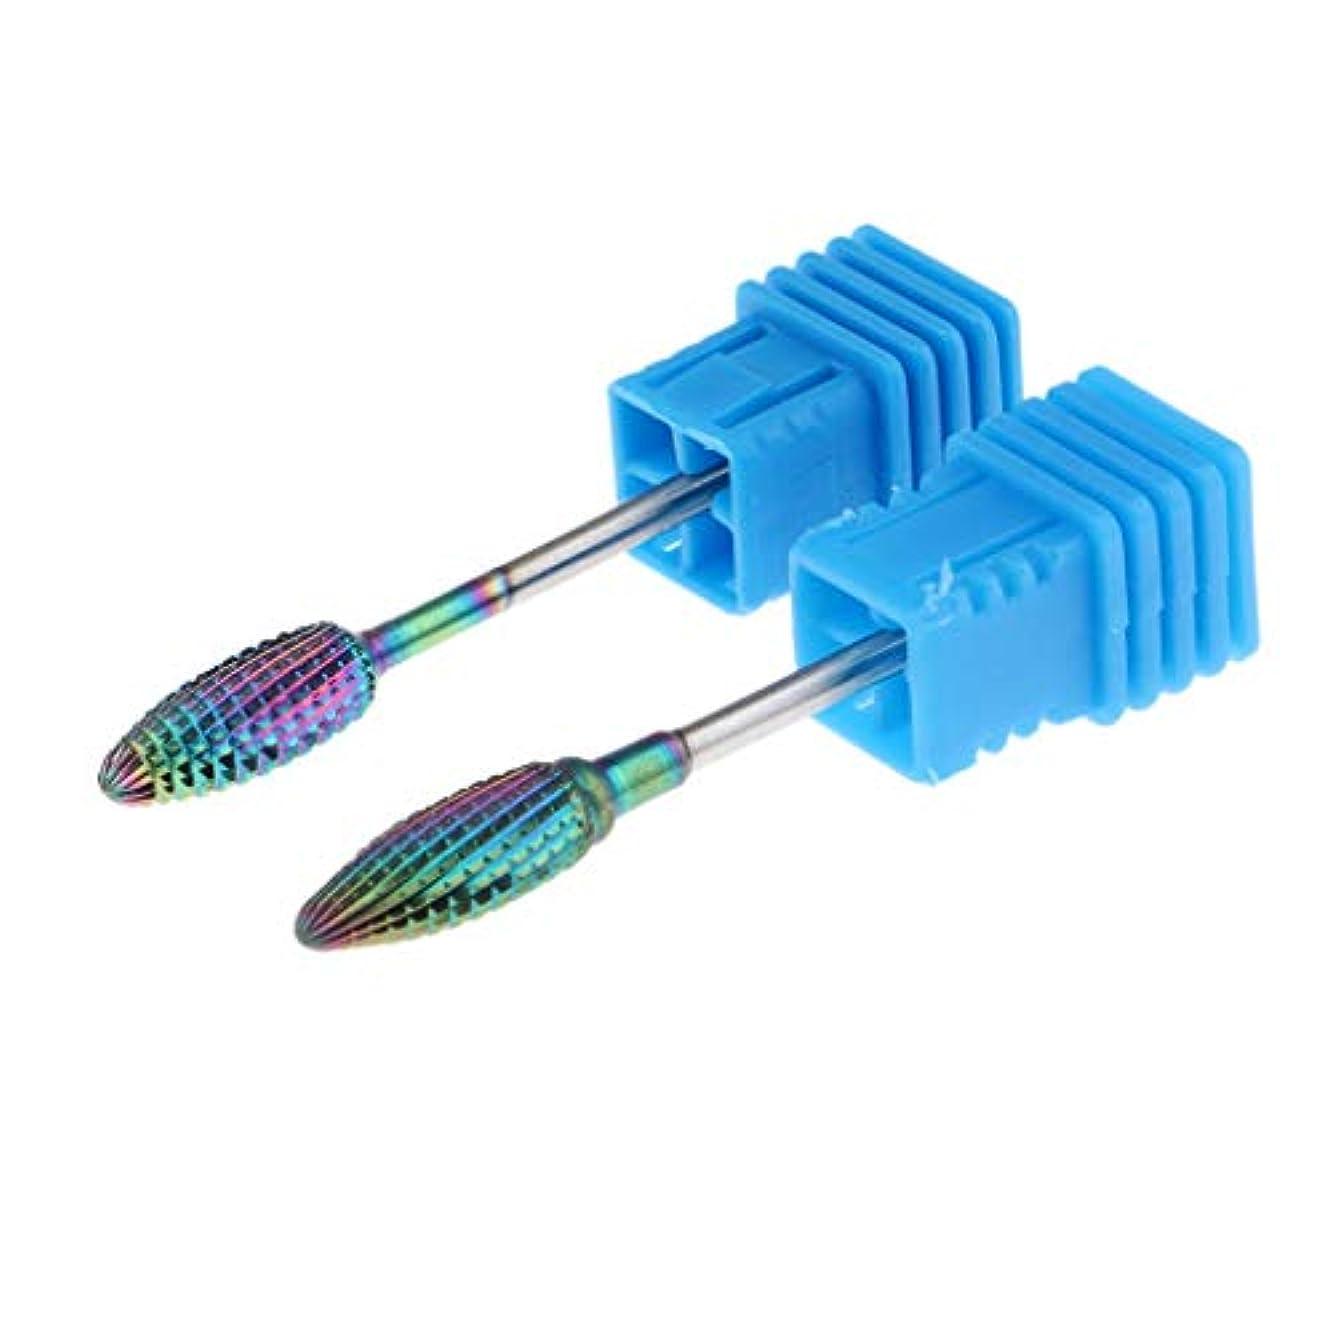 誘惑する略奪憂鬱な2本セット ビットヘッド ネイルビッドセット 研削ネイル ネイルマシーン用 ネイルドリル 全4サイズ - 04